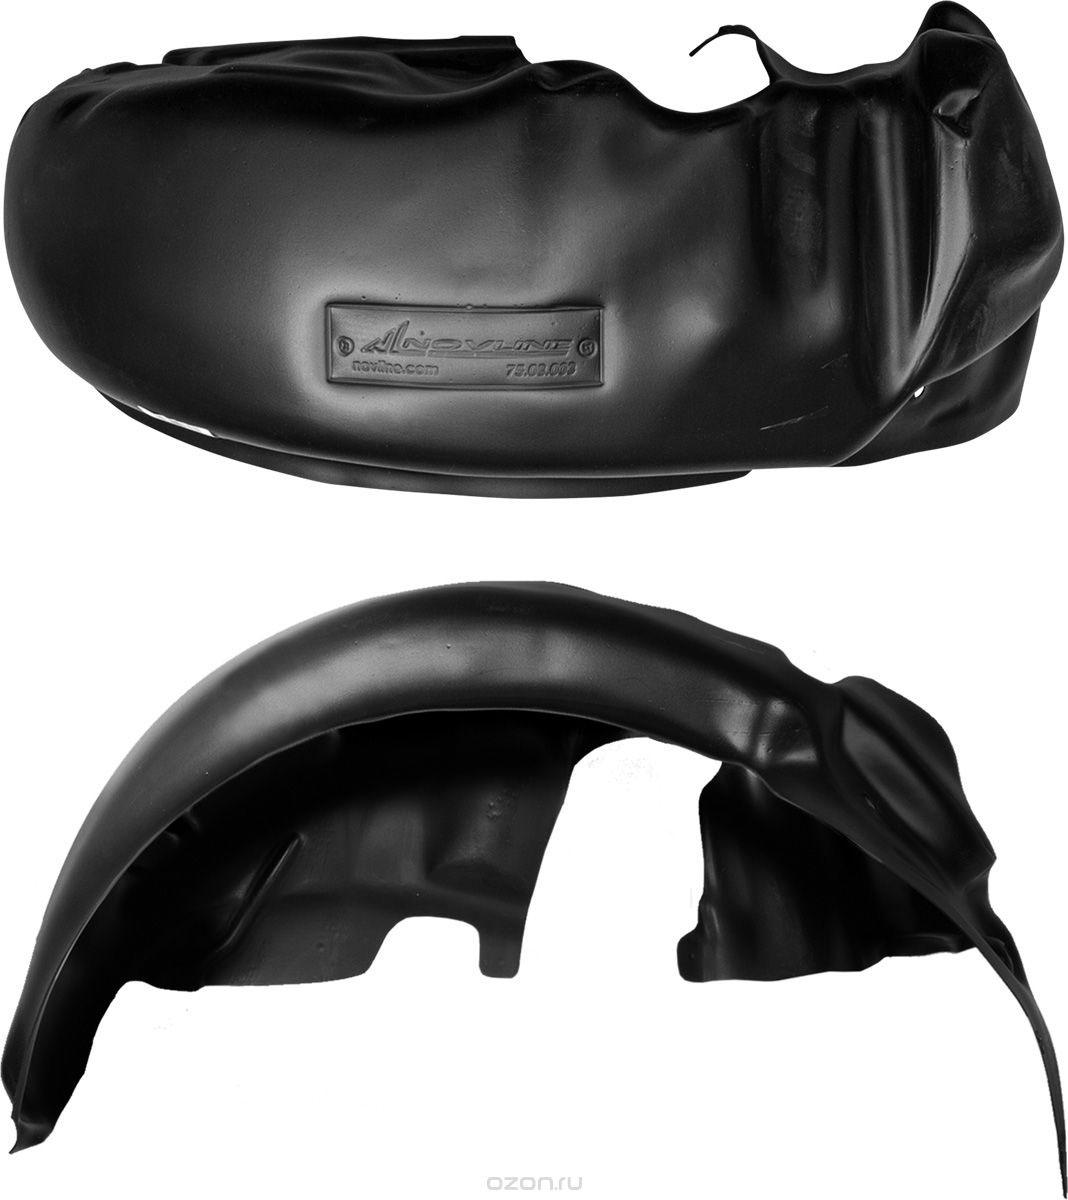 Подкрылок Novline-Autofamily, для Ford Transit, 2014->, передний левыйNLL.16.54.001Идеальная защита колесной ниши. Локеры разработаны с применением цифровых технологий, гарантируют максимальную повторяемость поверхности арки. Изделия устанавливаются без нарушения лакокрасочного покрытия автомобиля, каждый подкрылок комплектуется крепежом. Уважаемые клиенты, обращаем ваше внимание, что фотографии на подкрылки универсальные и не отражают реальную форму изделия. При этом само изделие идет точно под размер указанного автомобиля.